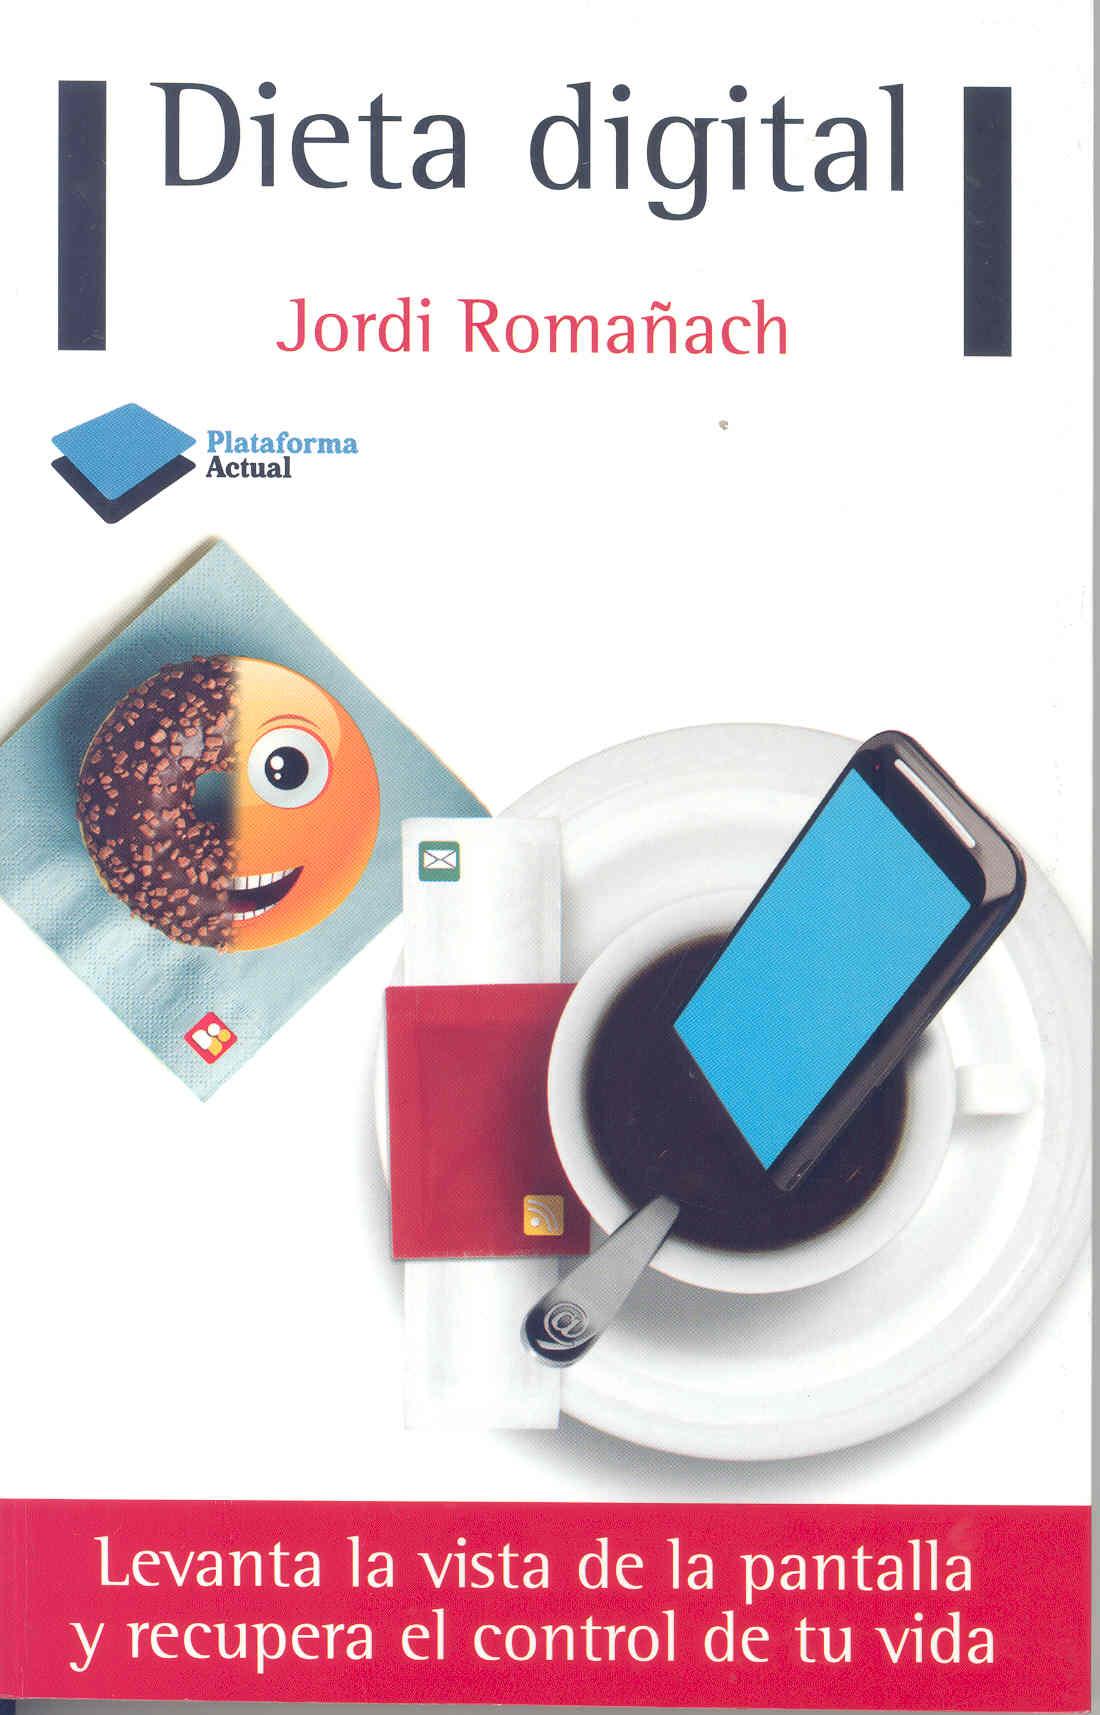 Libro Dieta digital de Jordi Romanach